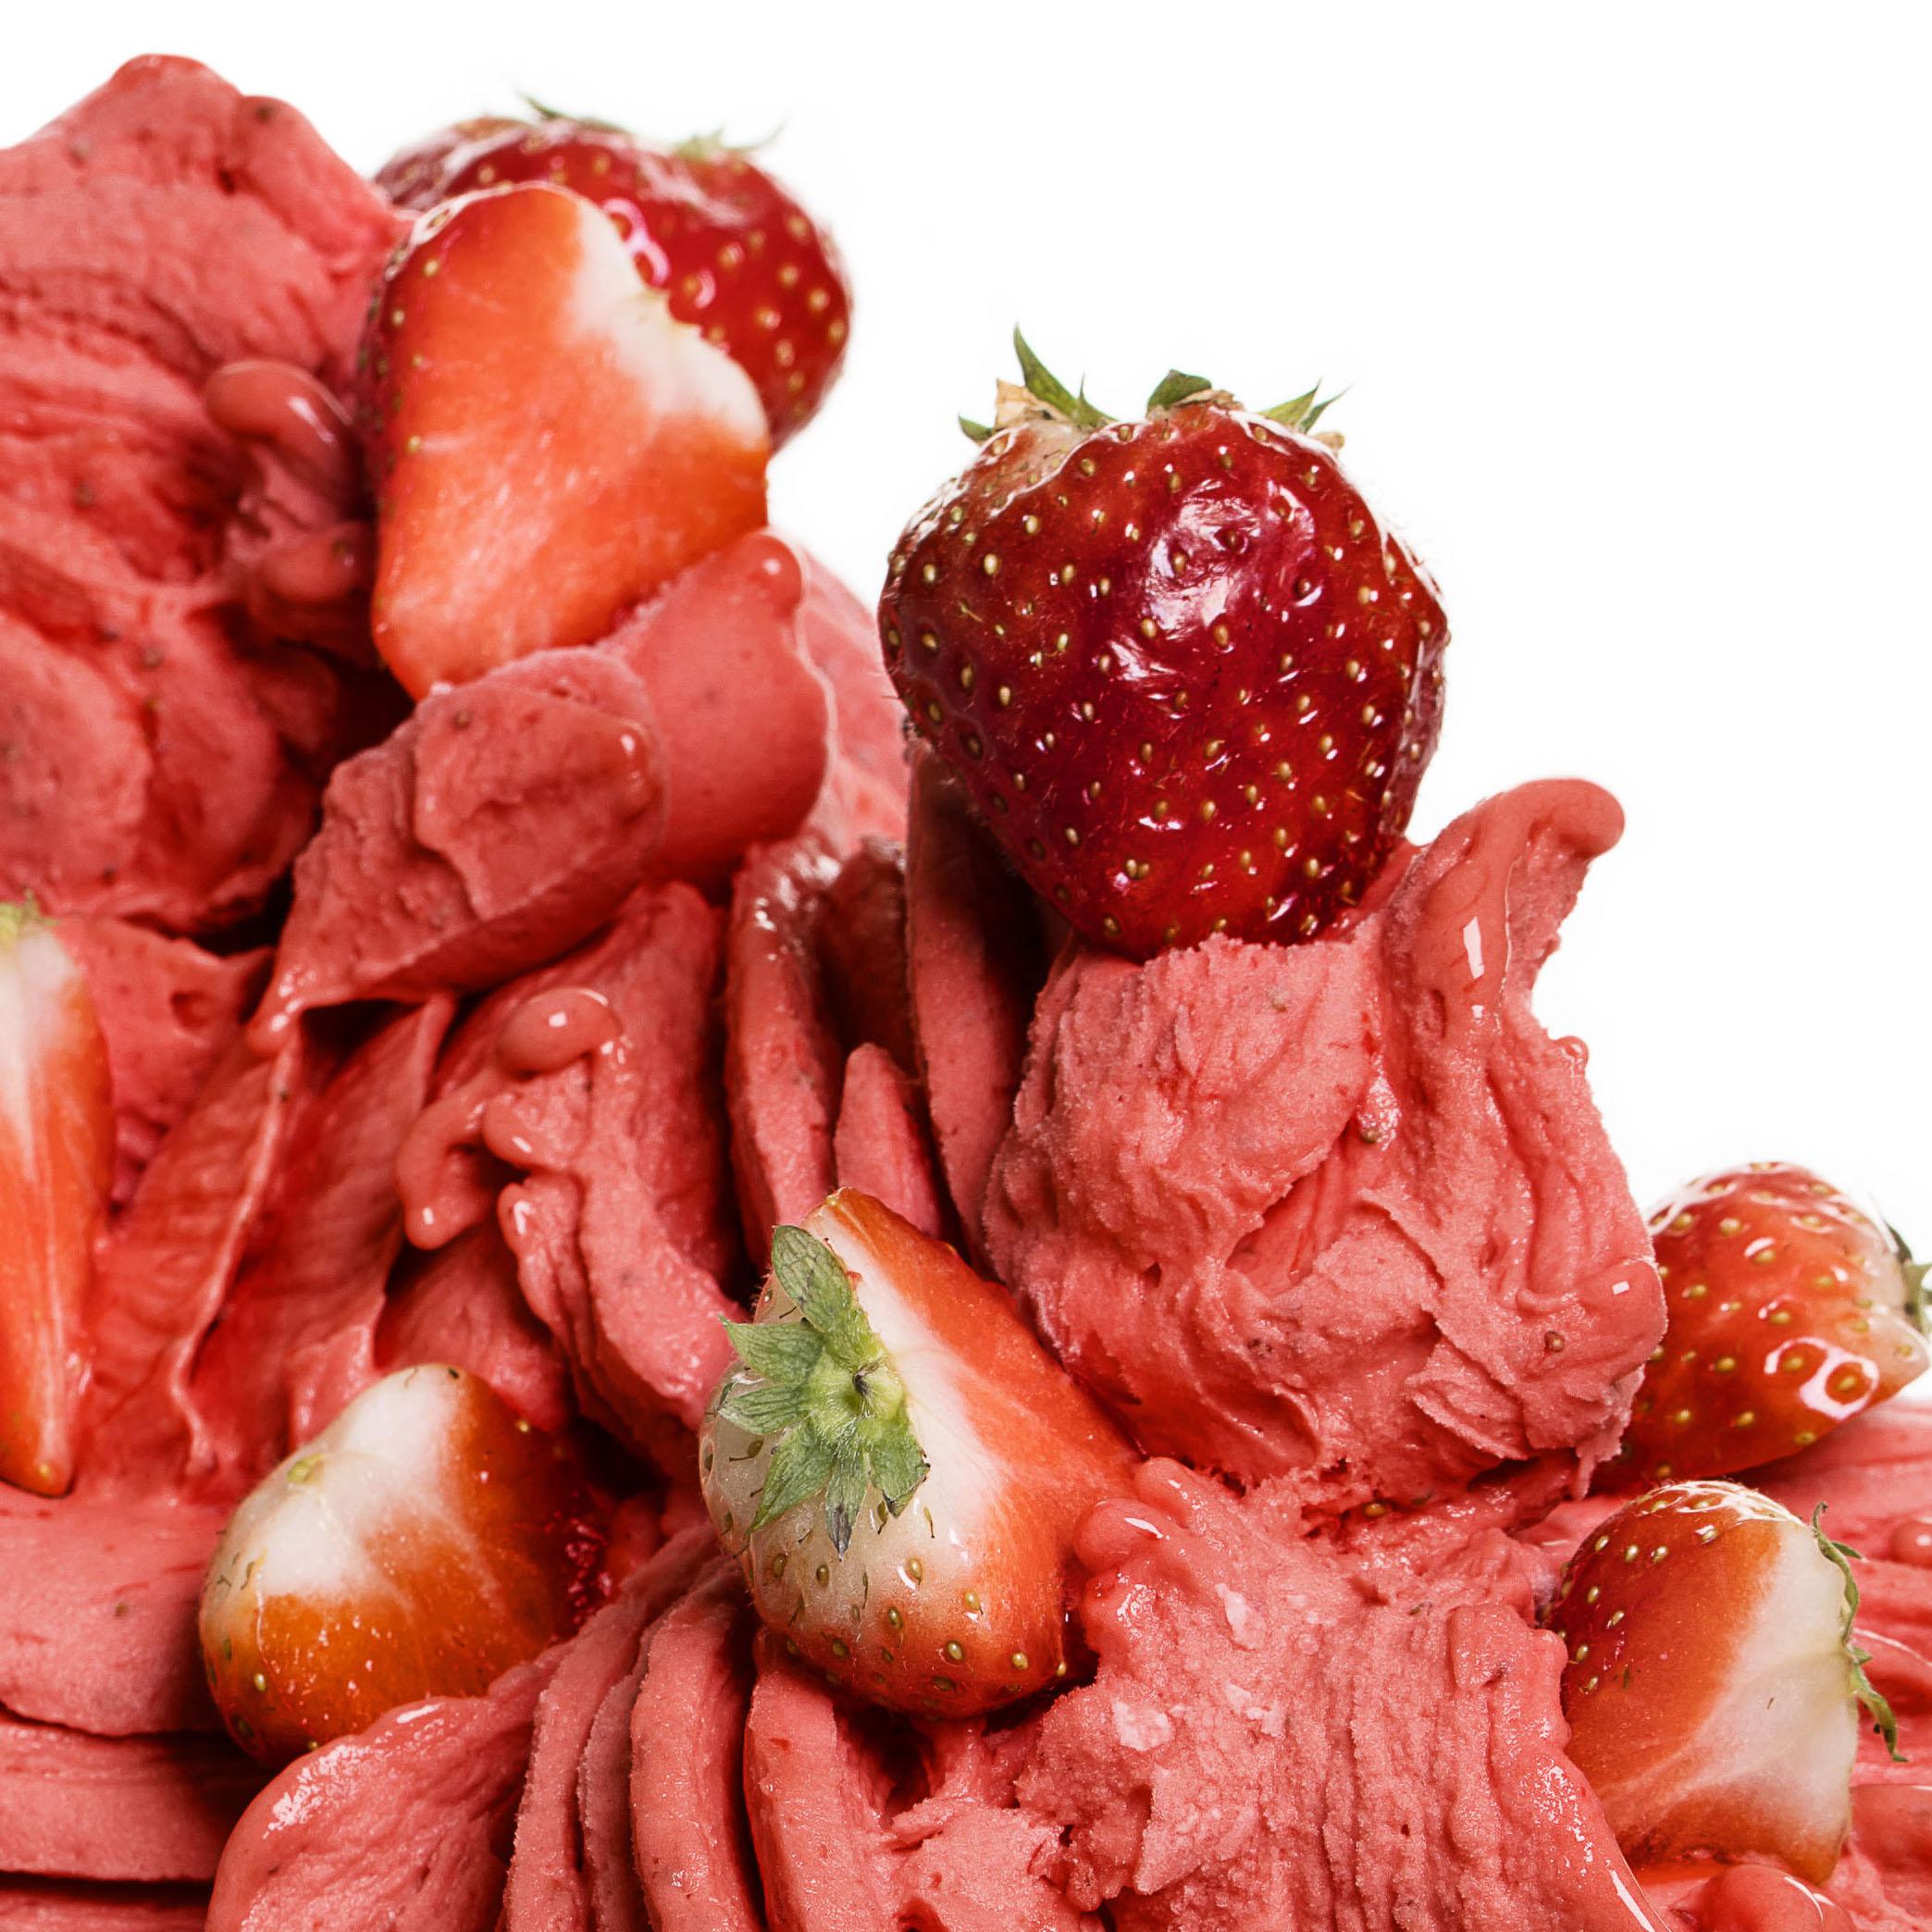 výrobce zmrzliny